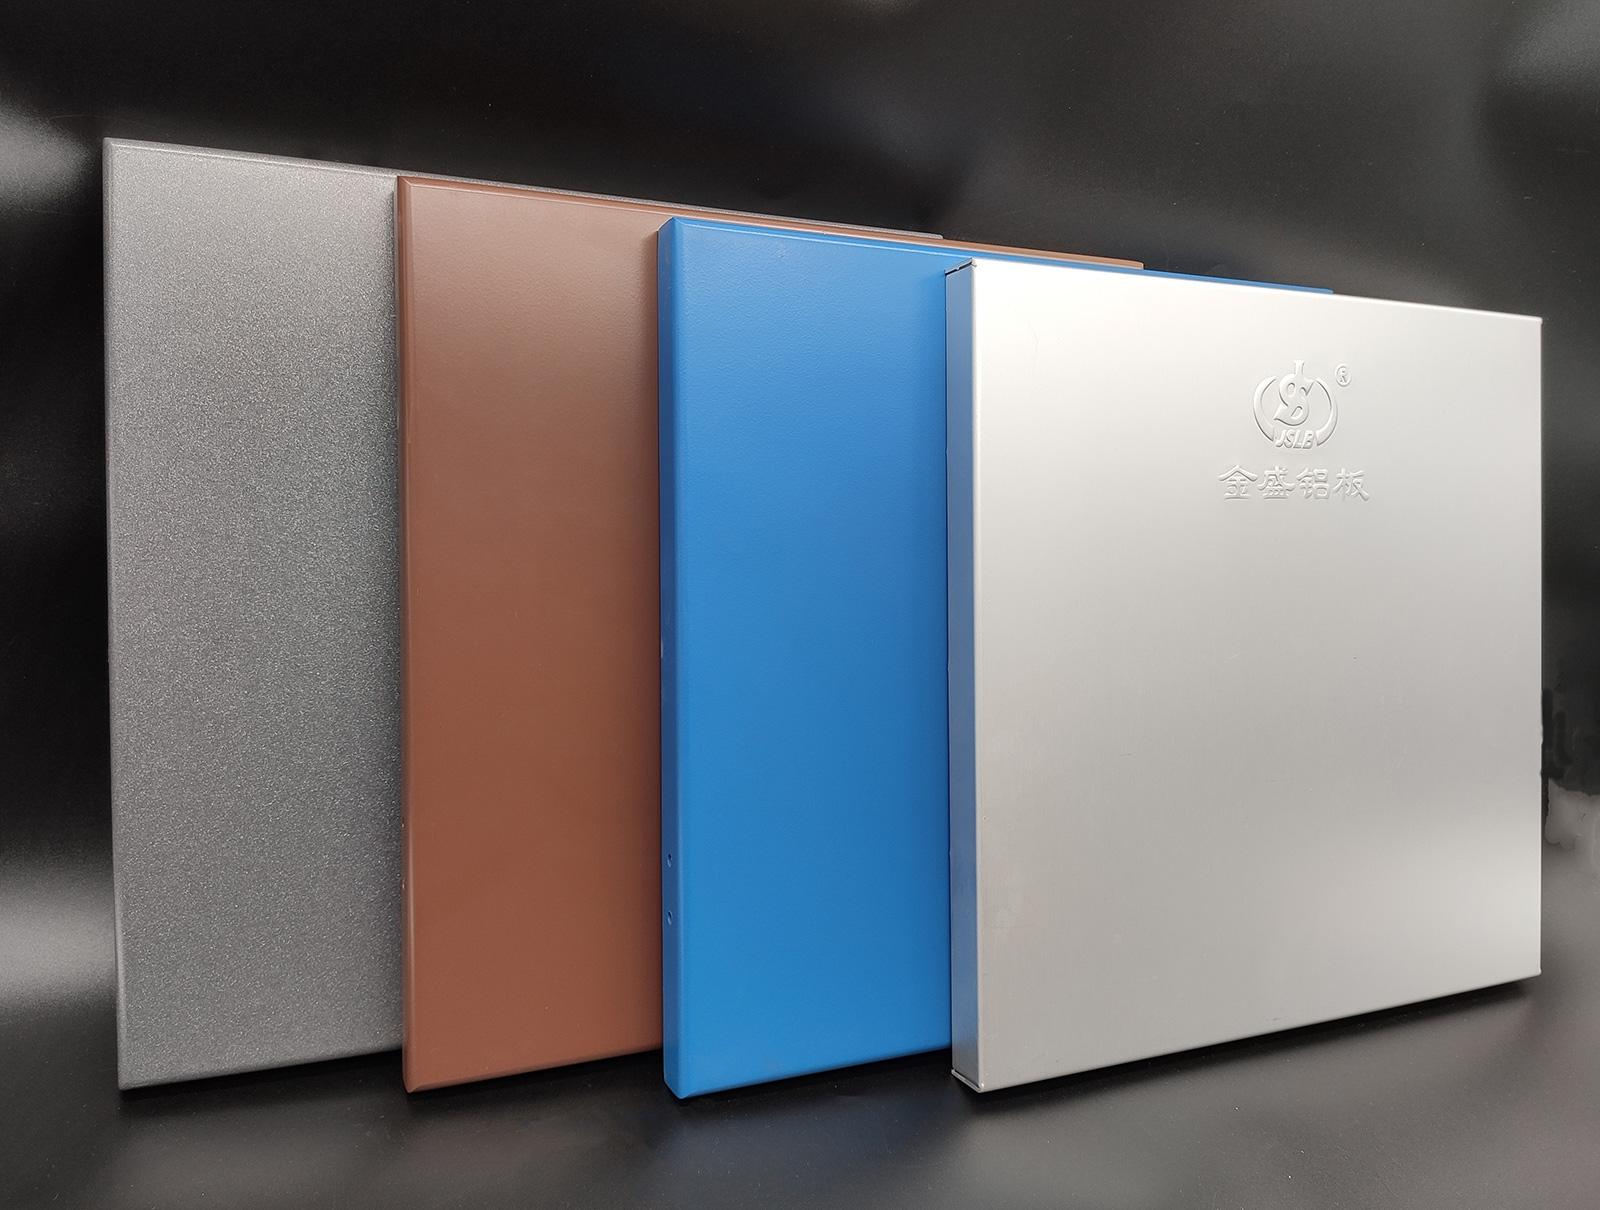 氟碳鋁單板與傳統涂料相比有什么優點?